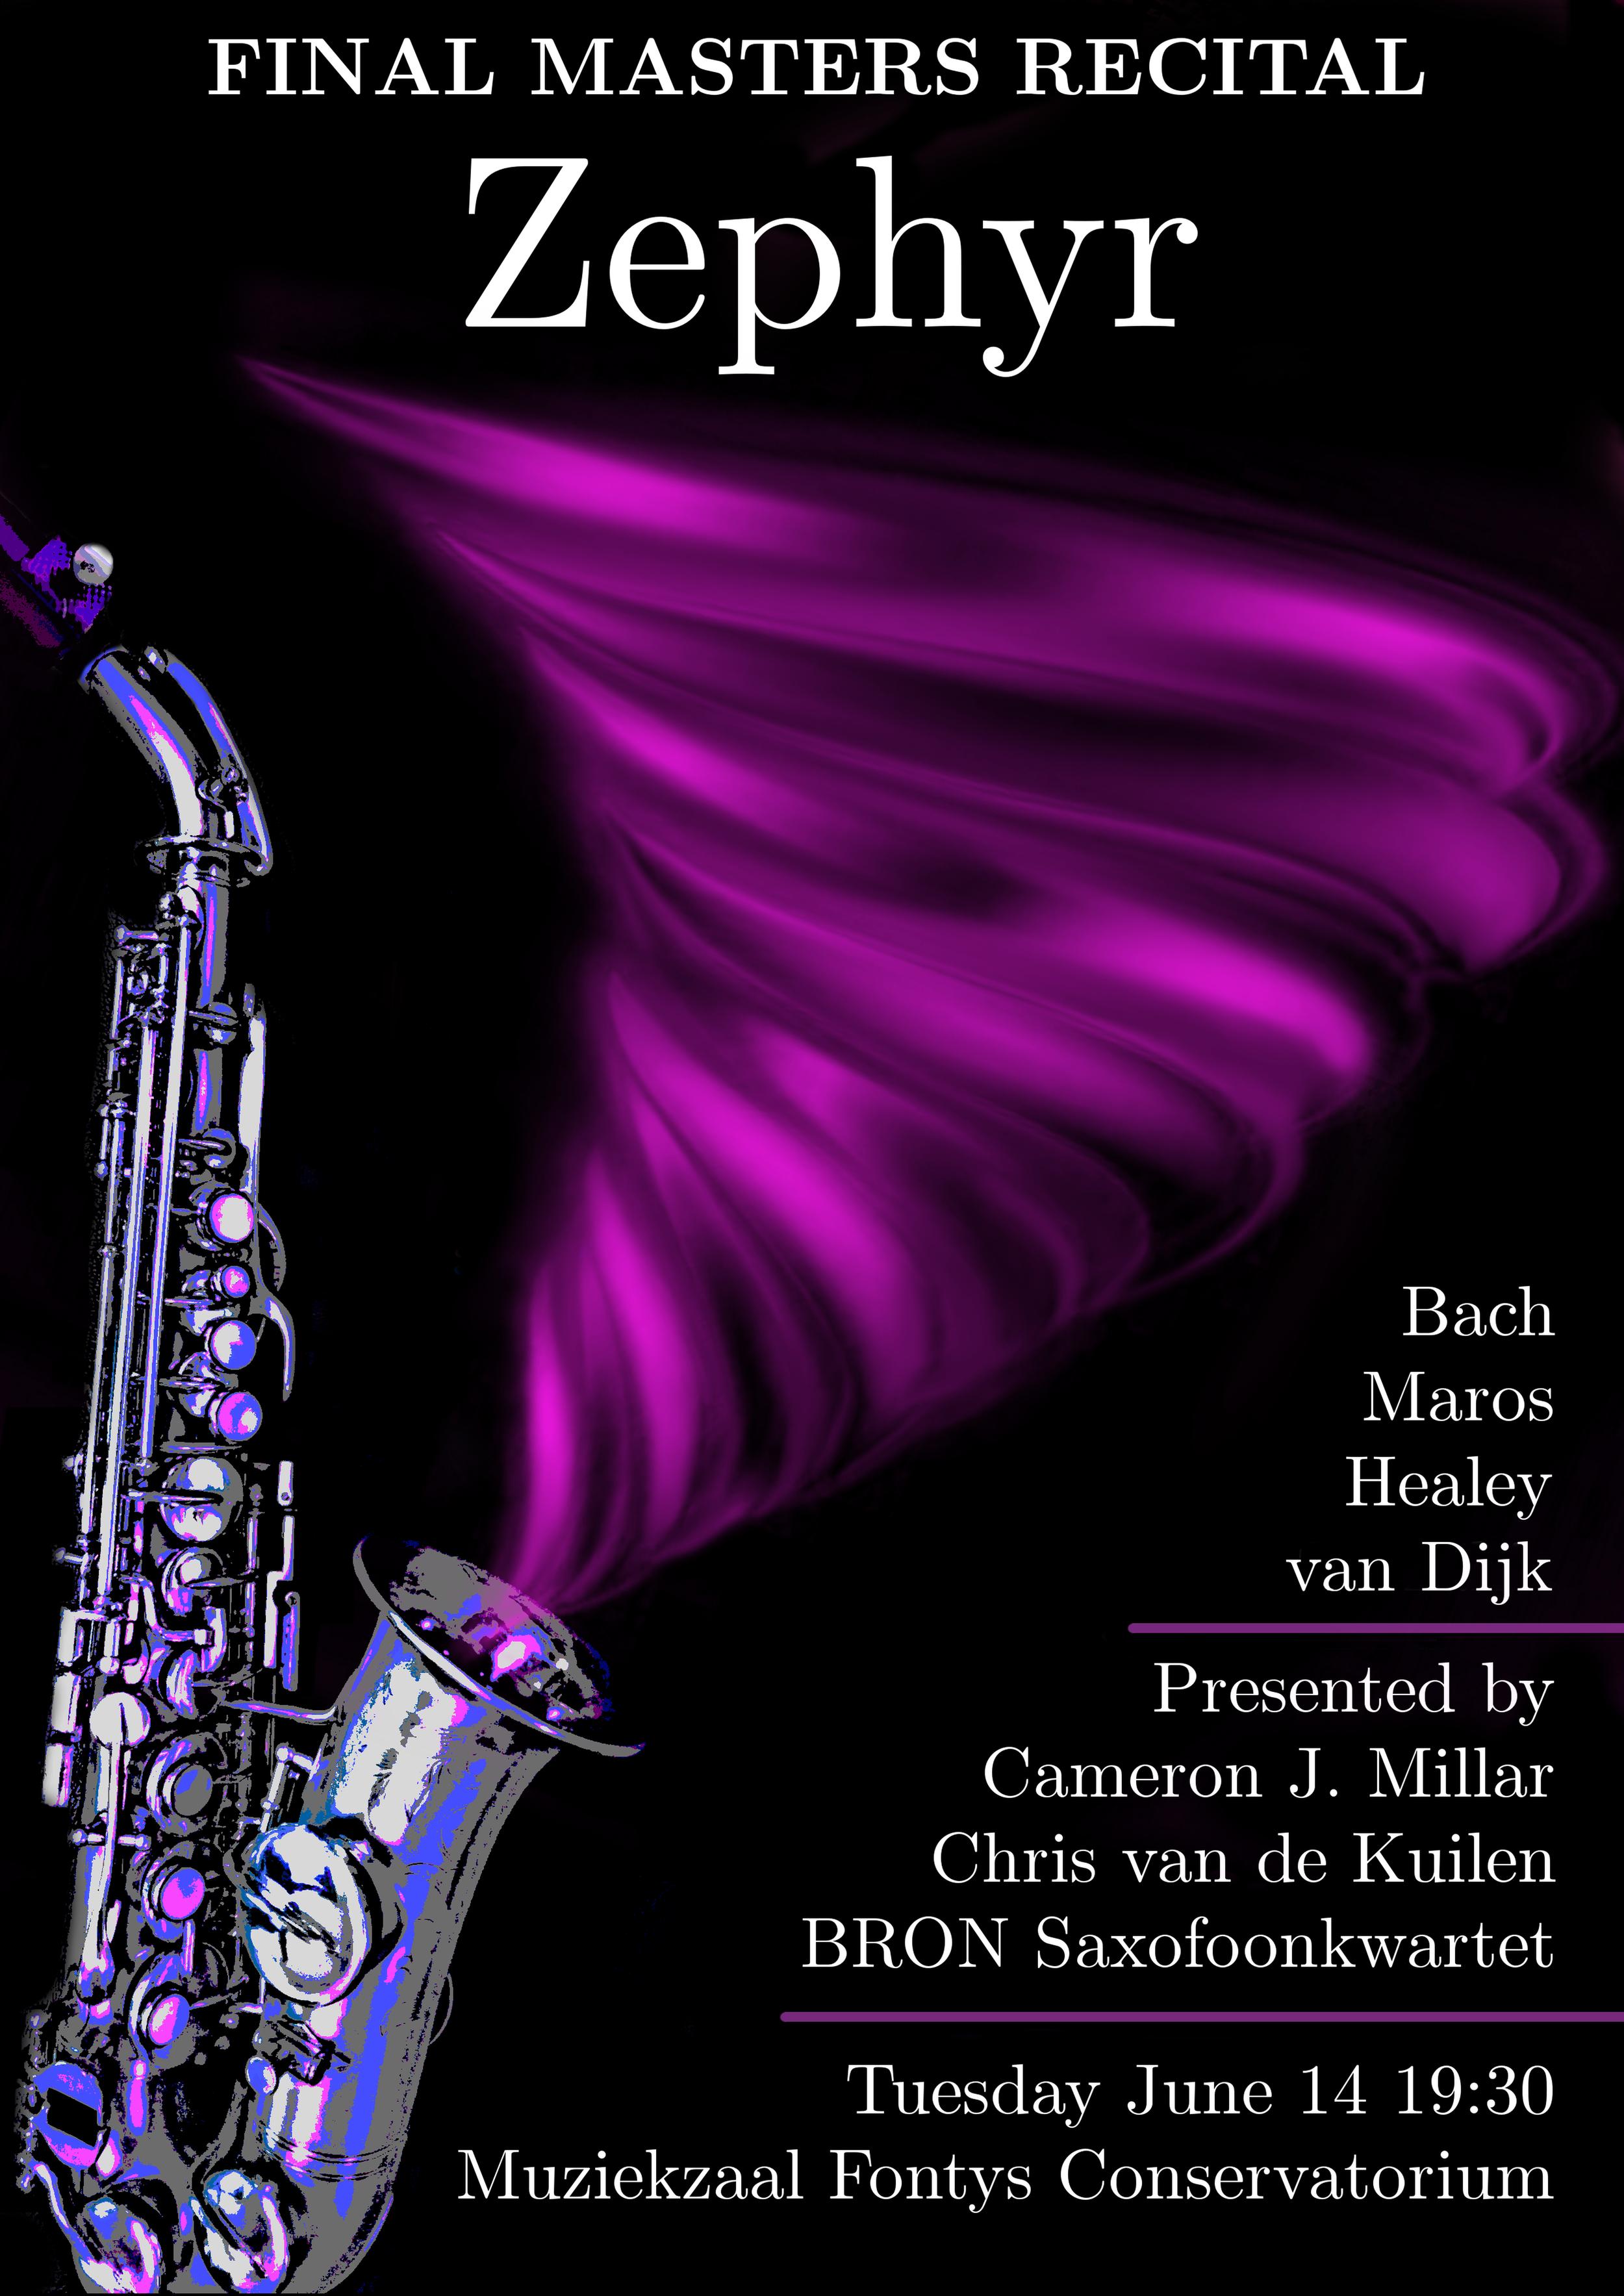 Zephyr - Final Recital Poster A3 Print Final.png